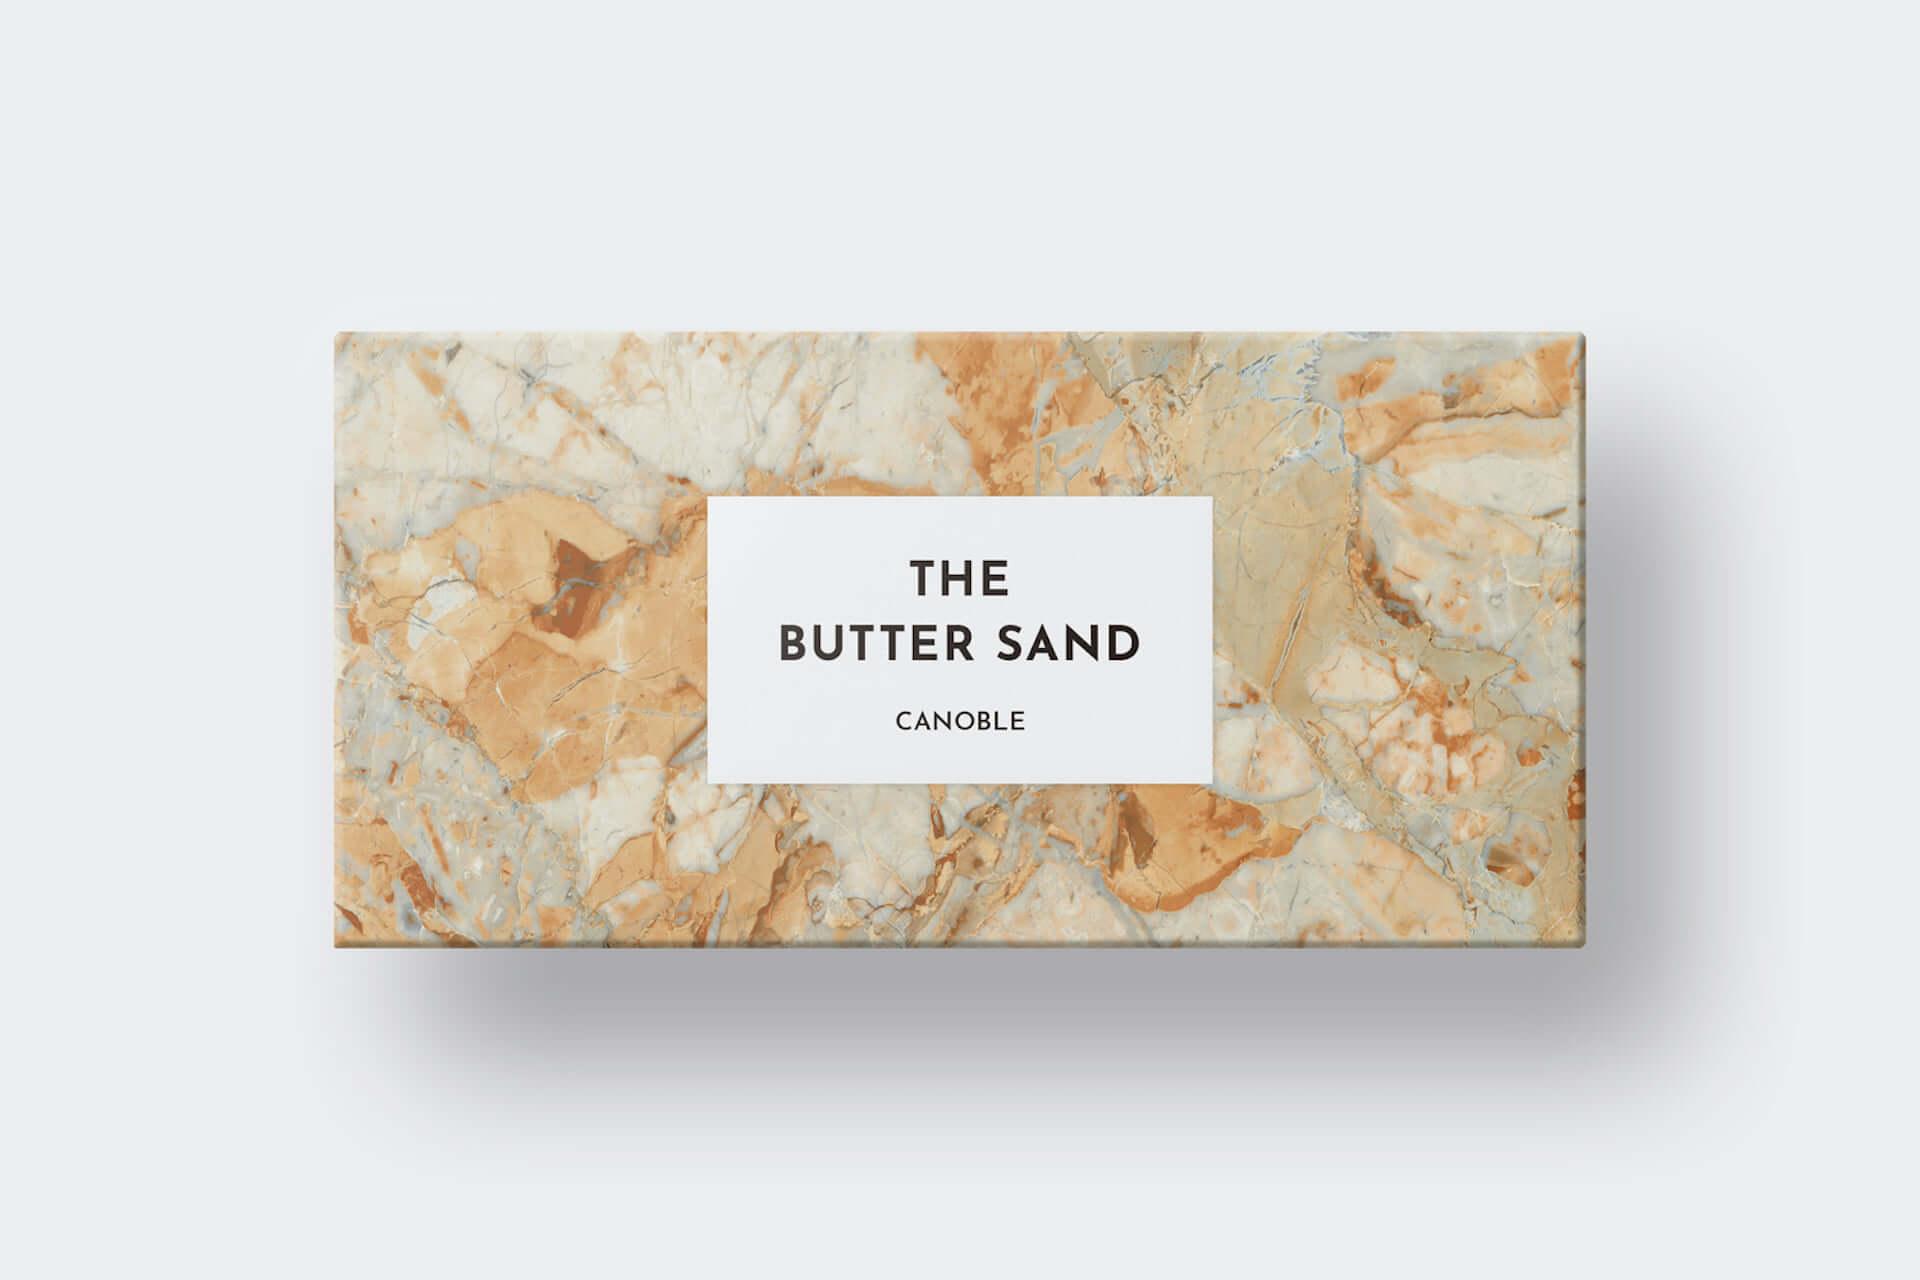 """新感覚の""""食べるバター""""を味わおう!バター原理主義者のためのバターサンド『CANOBLE THE BUTTER SAND』がCANOBLEより発売決定 gourmet200728_canoble-thebuttersand_6-1920x1280"""